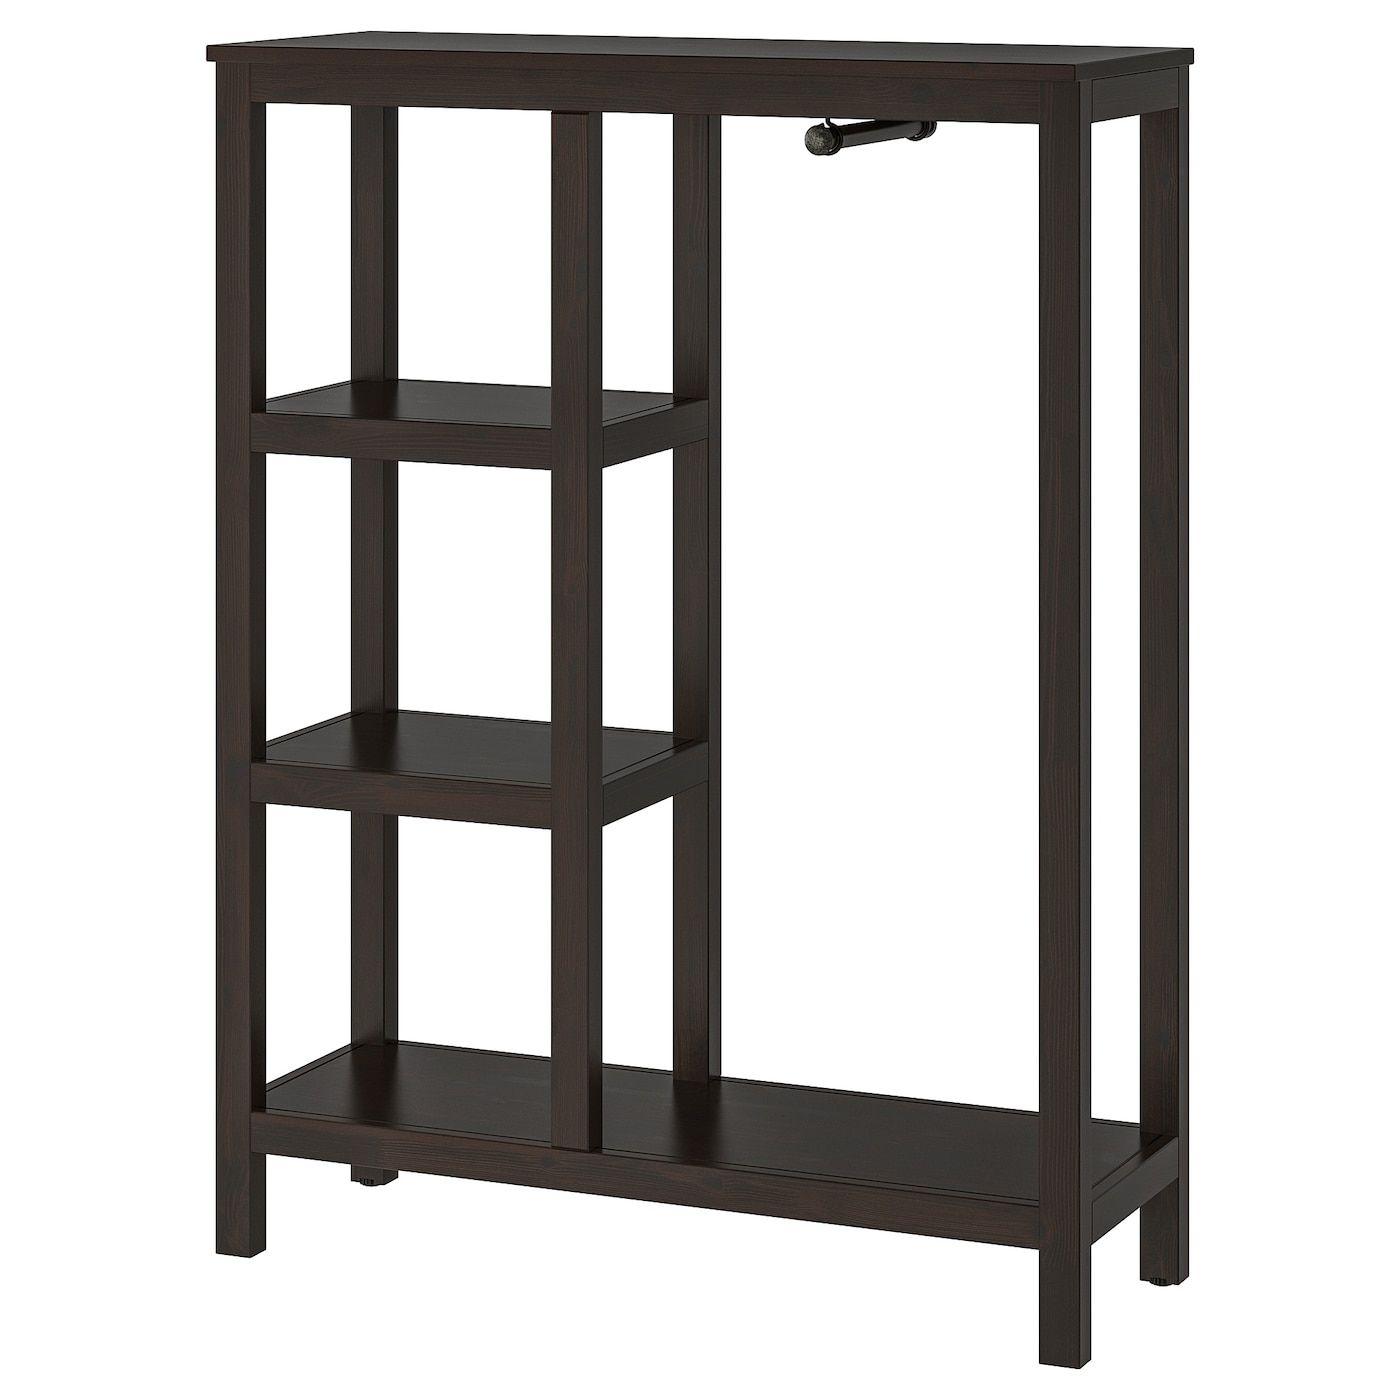 Ikea Guardaroba A Giorno In 2020 Hemnes Kleiderschrank Offene Garderobe Ikea Hemnes Kleiderschrank